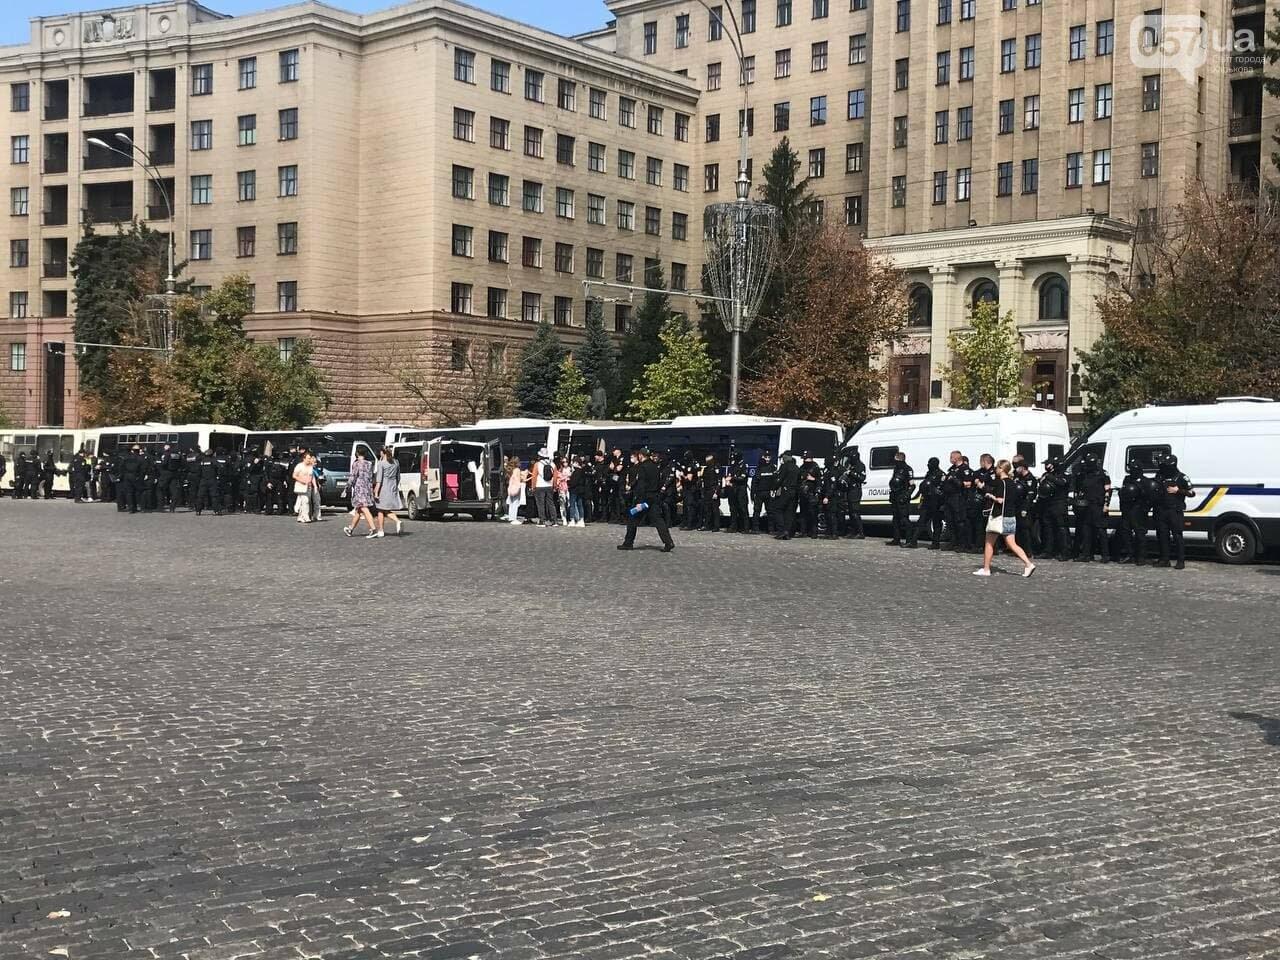 «Нет важней любви». Как в центре Харькова прошел ЛГБТ-марш, - ФОТОРЕПОРТАЖ, фото-18